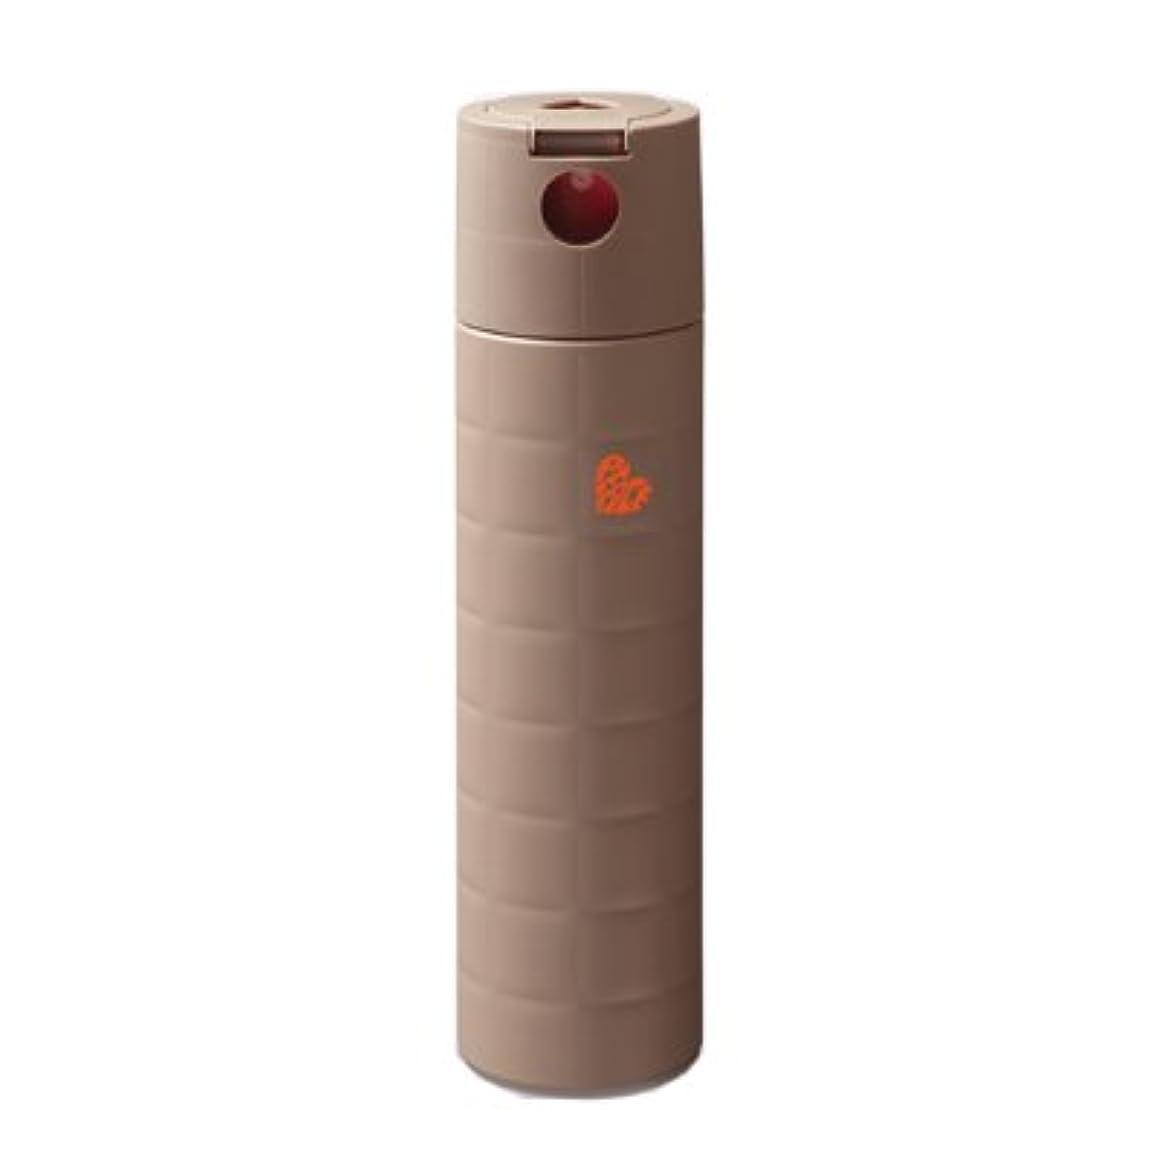 反抗プレーヤープラスチックアリミノ ピース ワックスspray カフェオレ 143g(200ml) スプレーライン ARIMINO PEACE